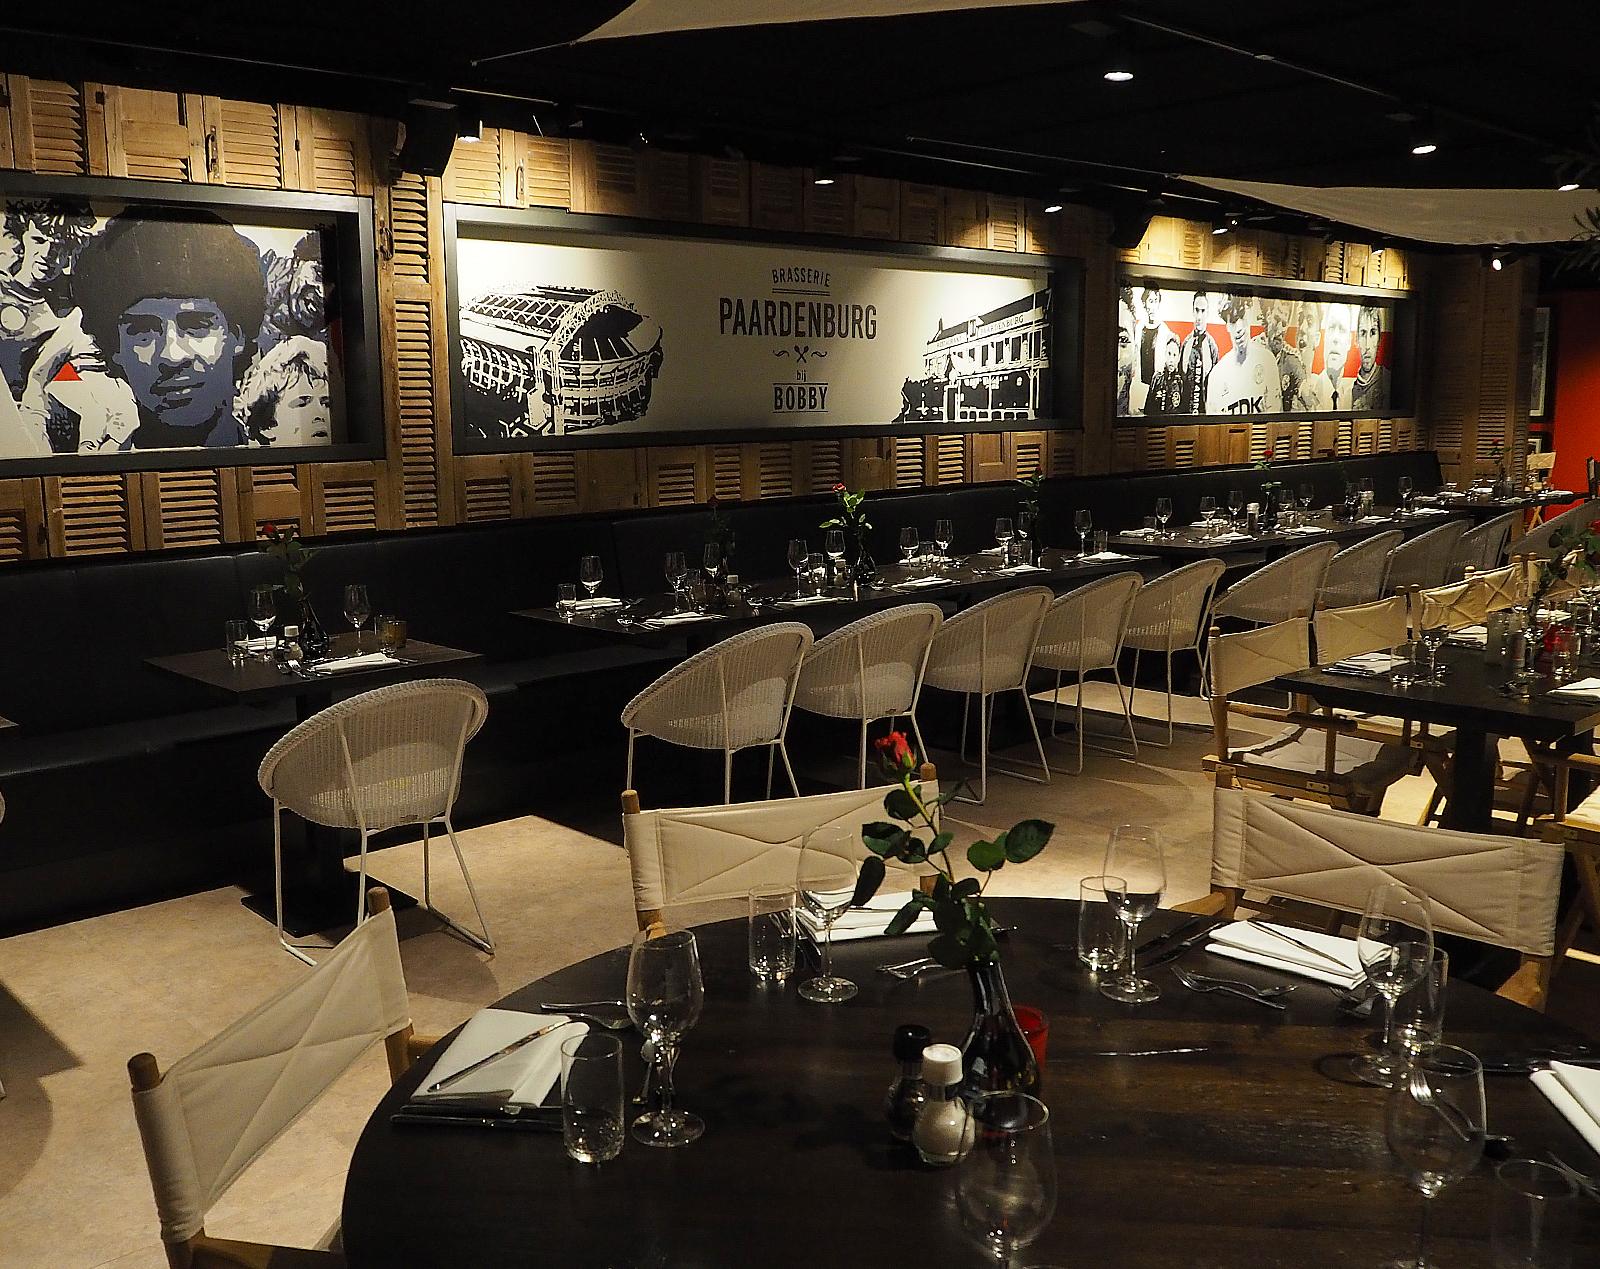 ajax-skybox-Restaurant-Paardenburg-Amsterdam-Arena-Jeroen-de-Nijs